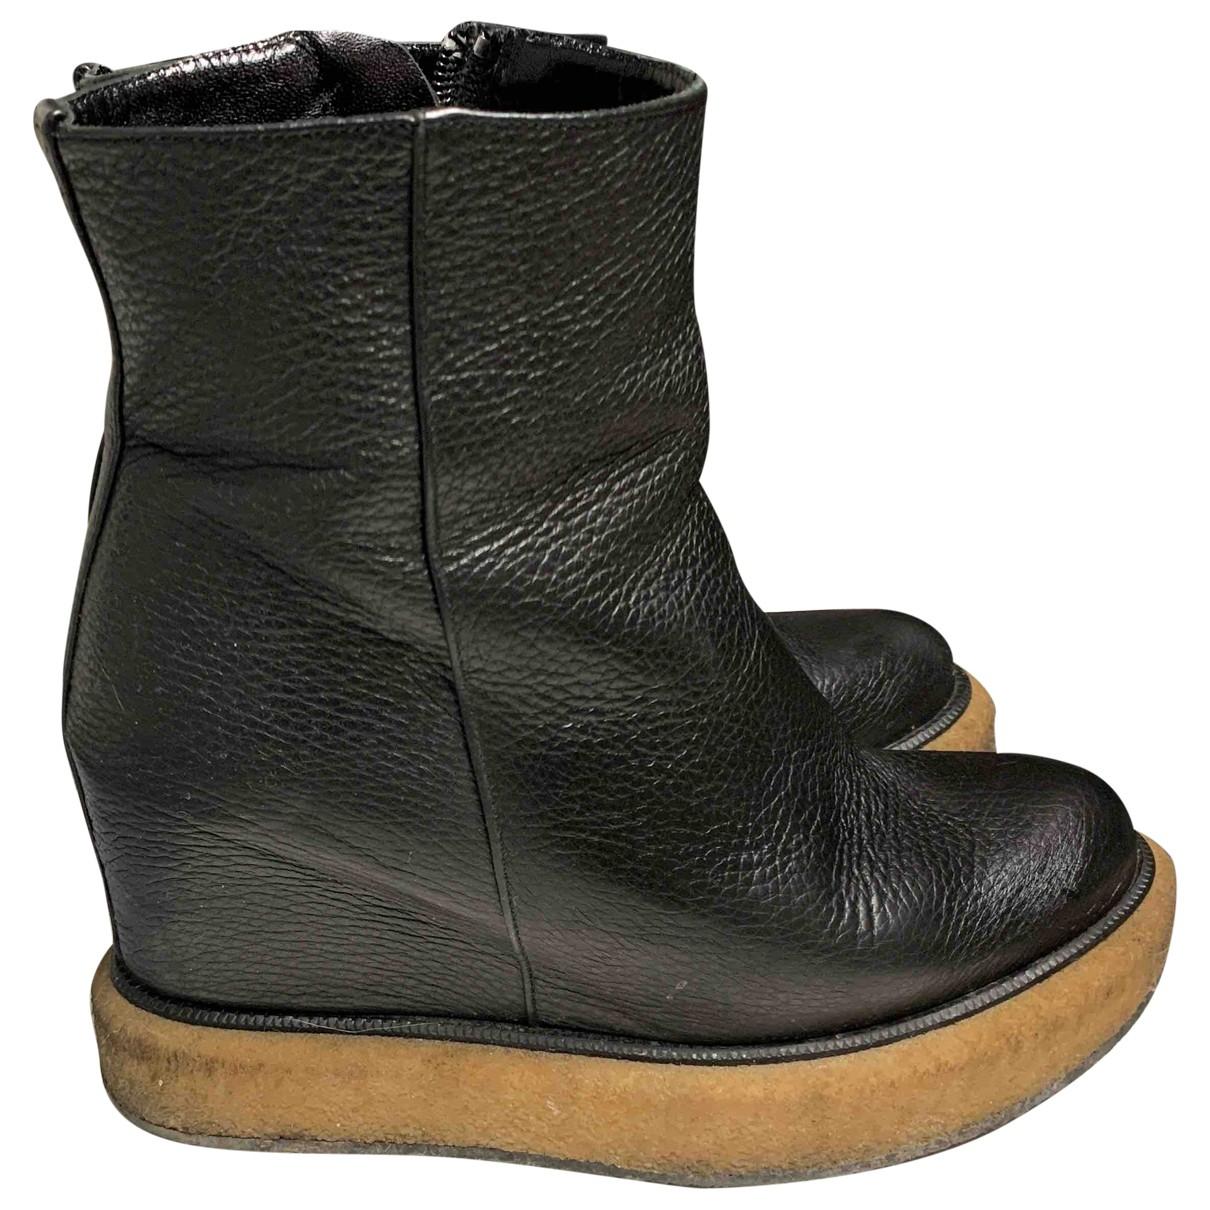 Paloma Barcelo - Boots   pour femme en cuir - noir